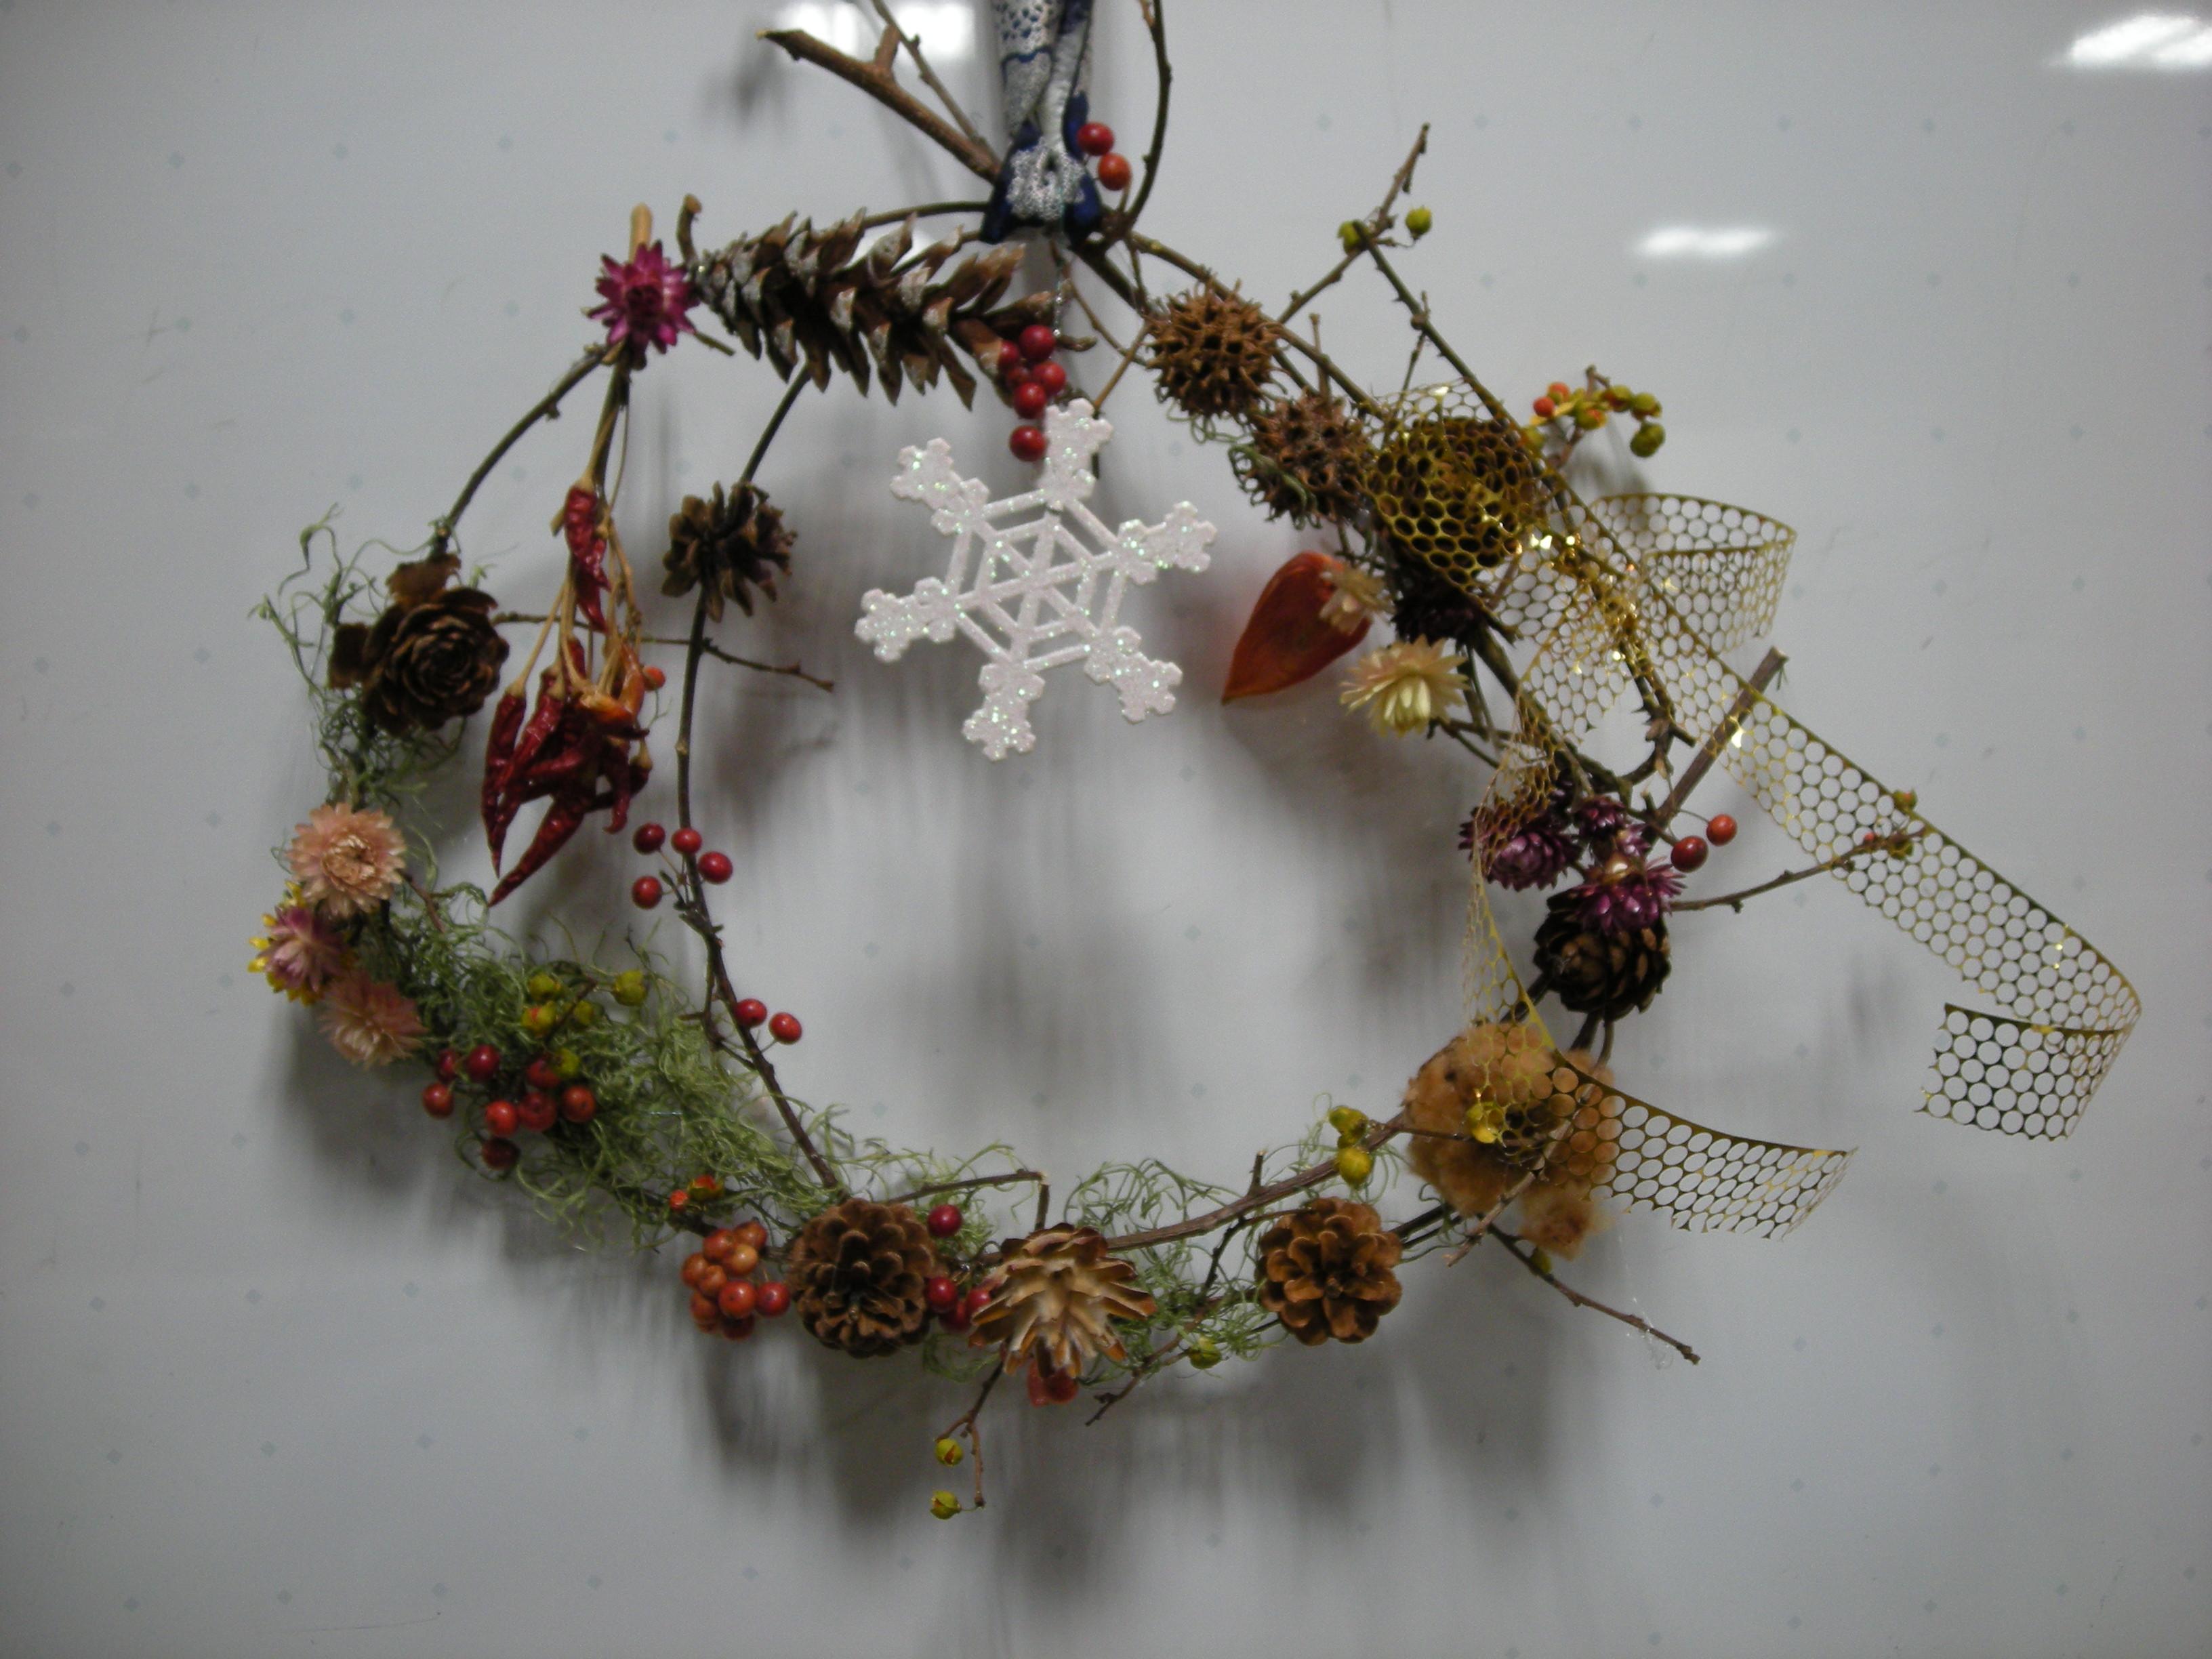 生け花に使う山帰来(サンキライ)に木の実やドライの花をデコりました。どれも素敵な生徒作品です。